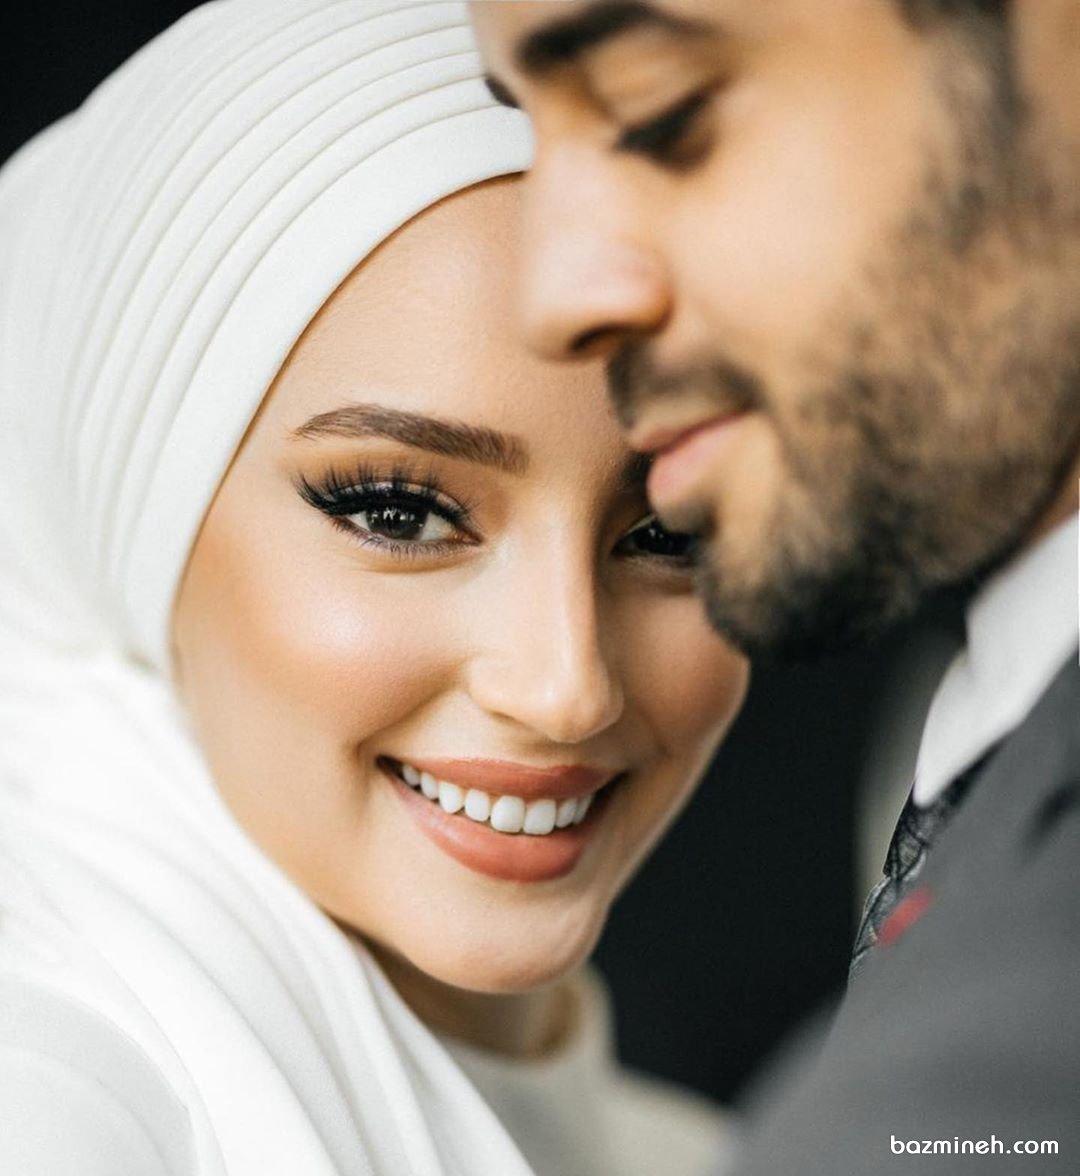 انتخاب همسر مناسب از نظر اسلام و احادیث